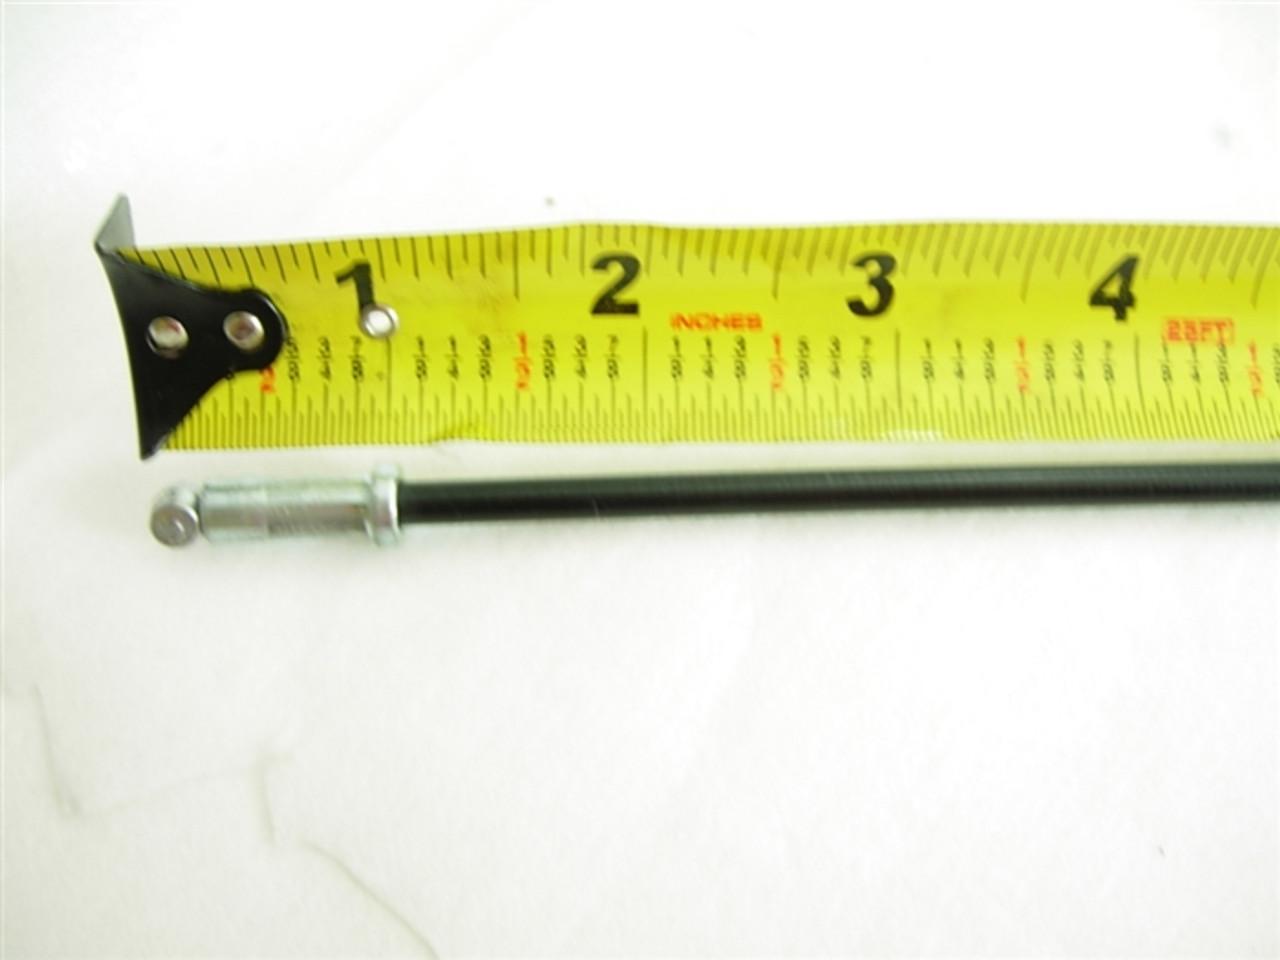 choke cable 13622-a202-4